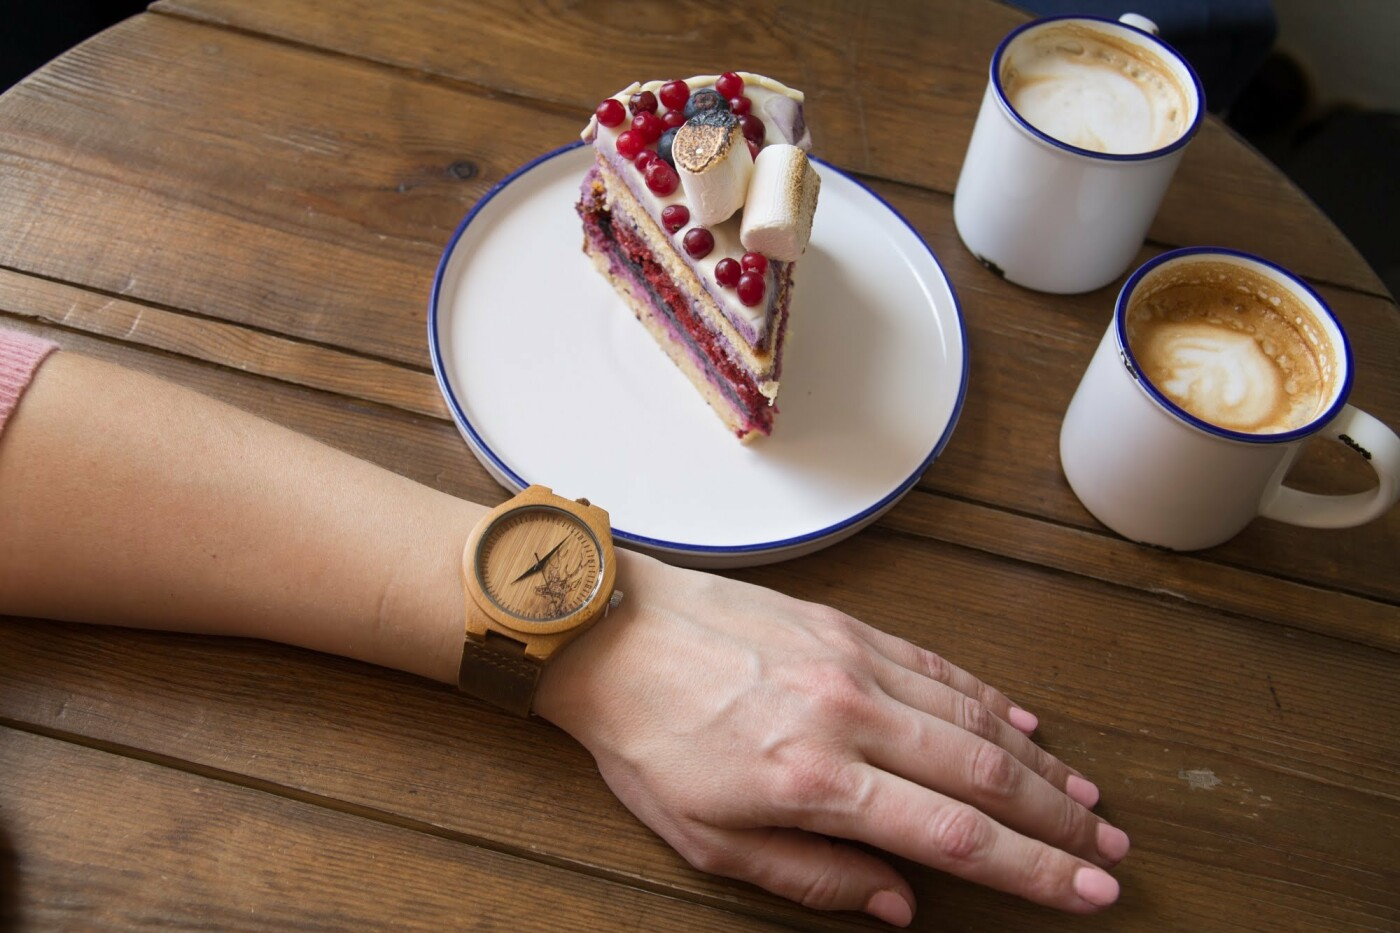 Тренд цієї весни - унікальний годинник з дерева, фото-1